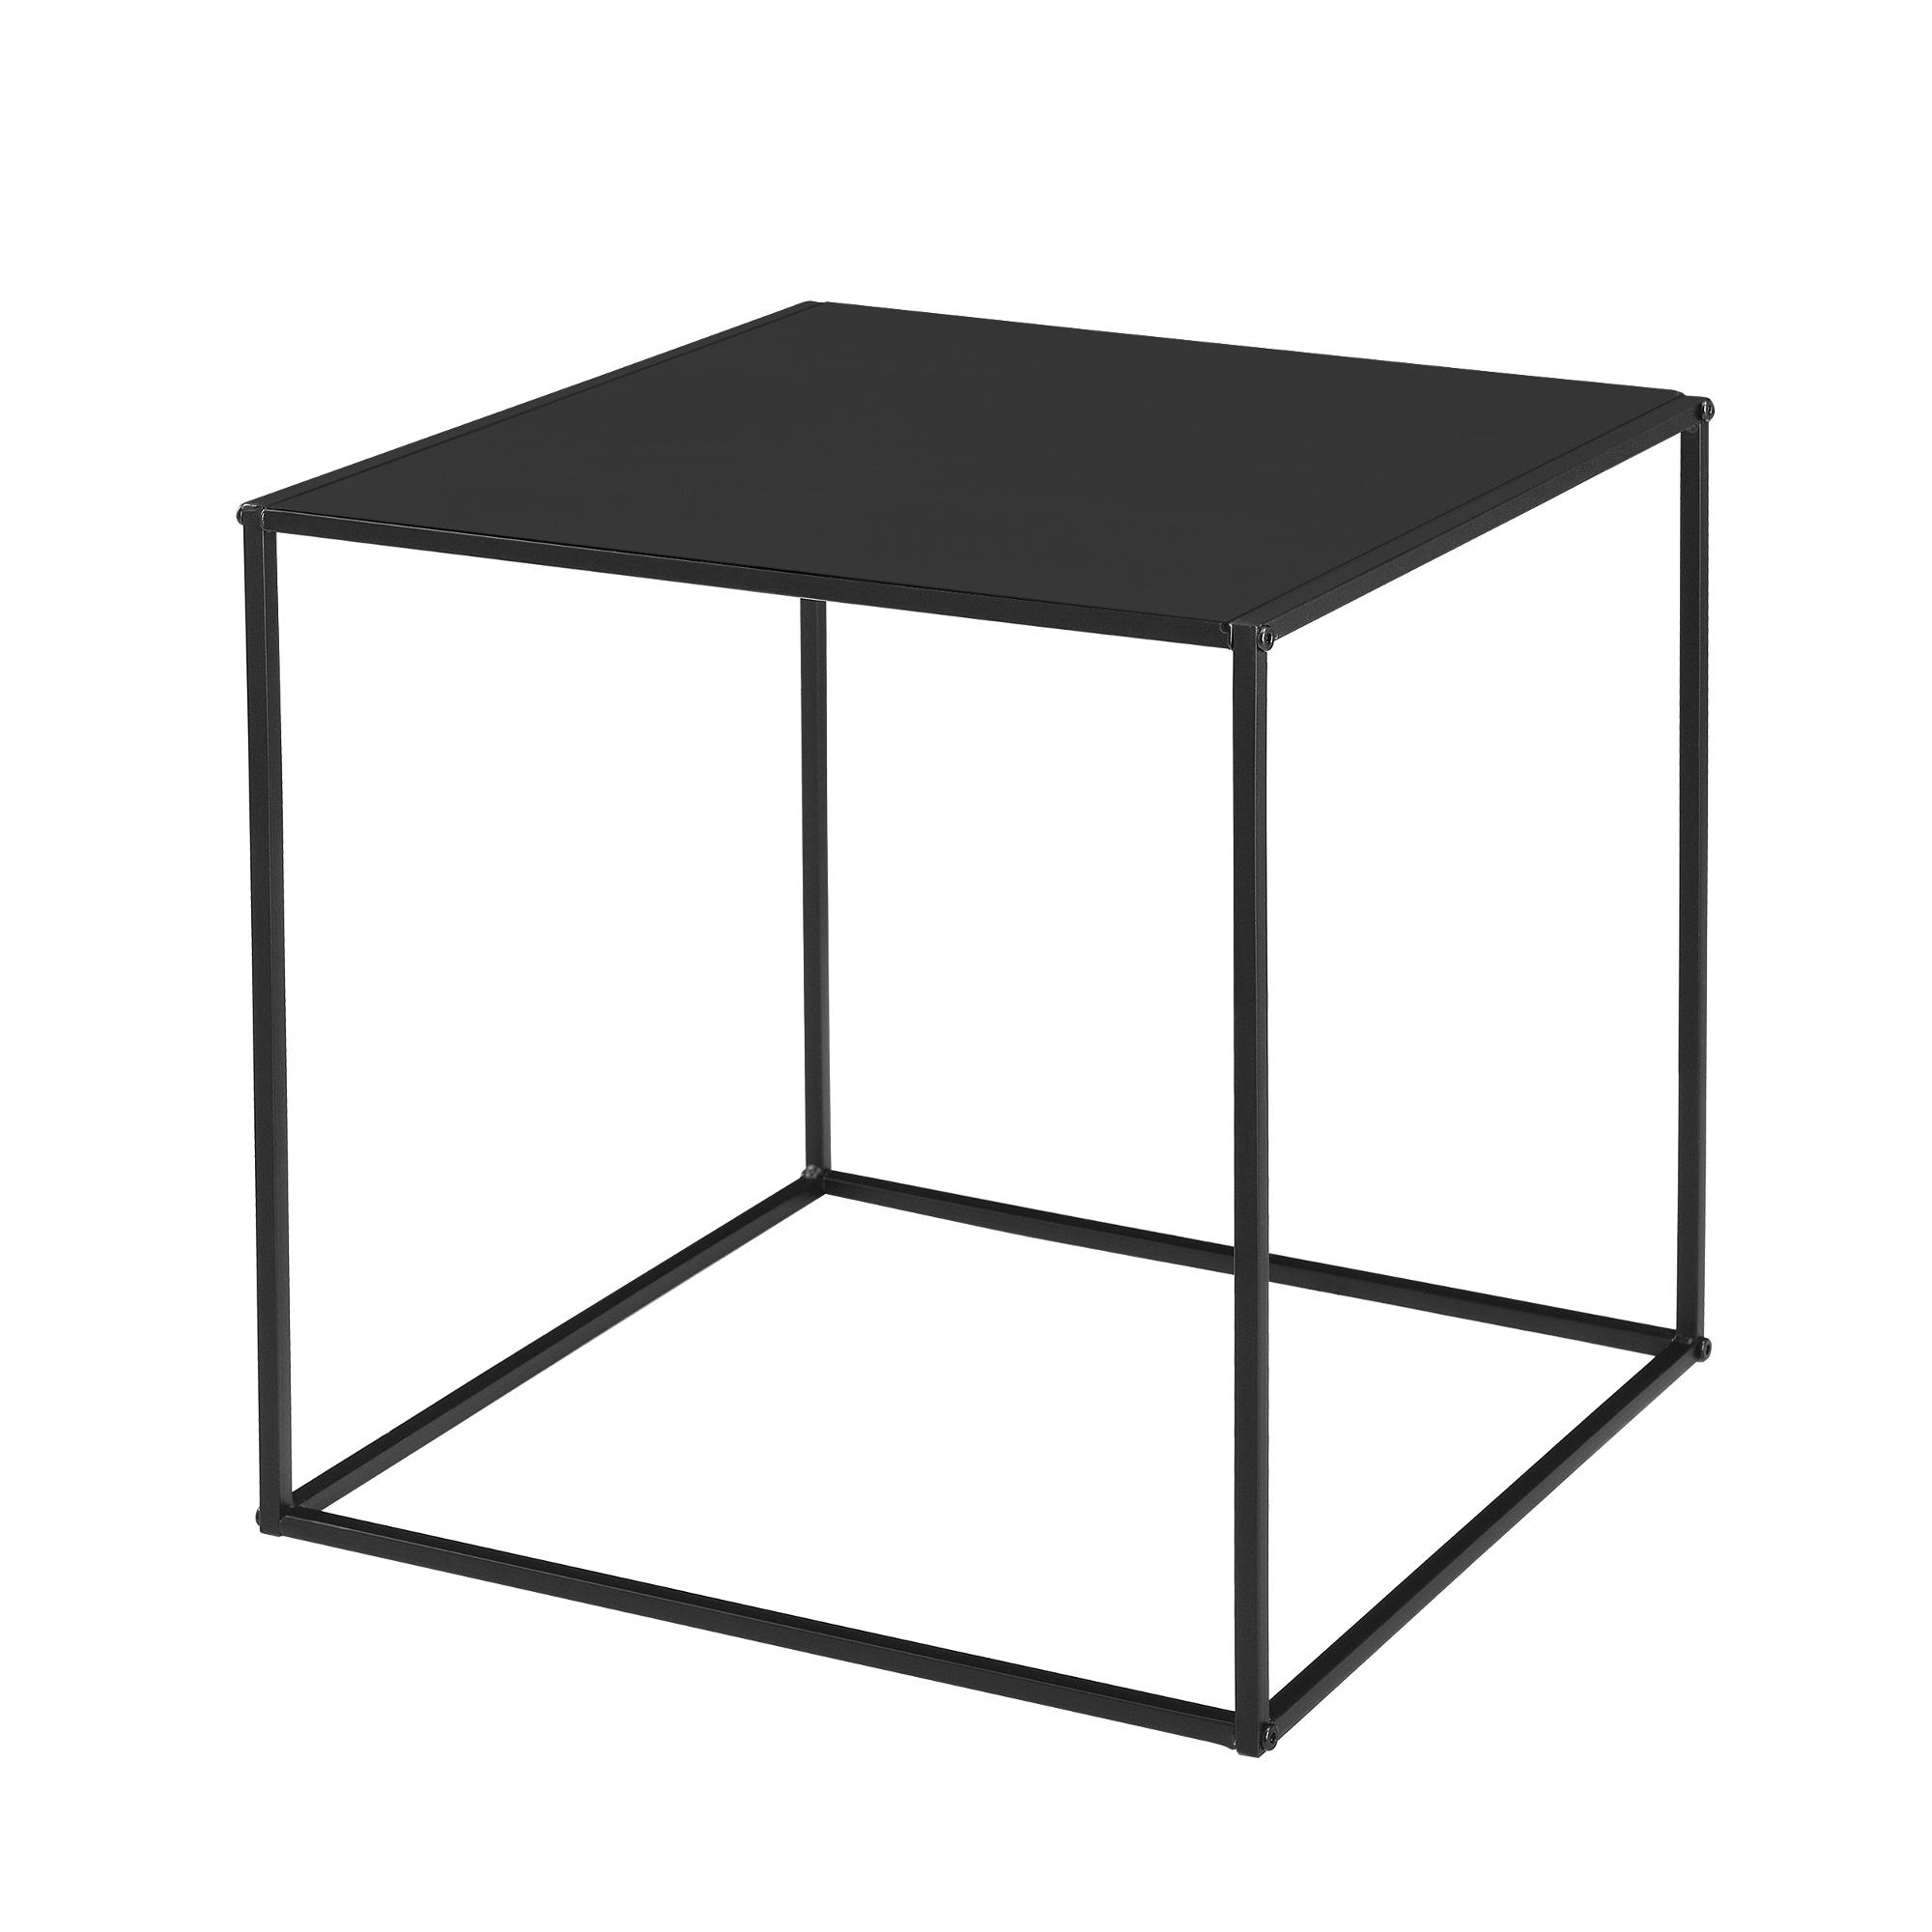 Encasa 2 X Tables Basses De Salon Table De Salon Noir Et Gris Ebay